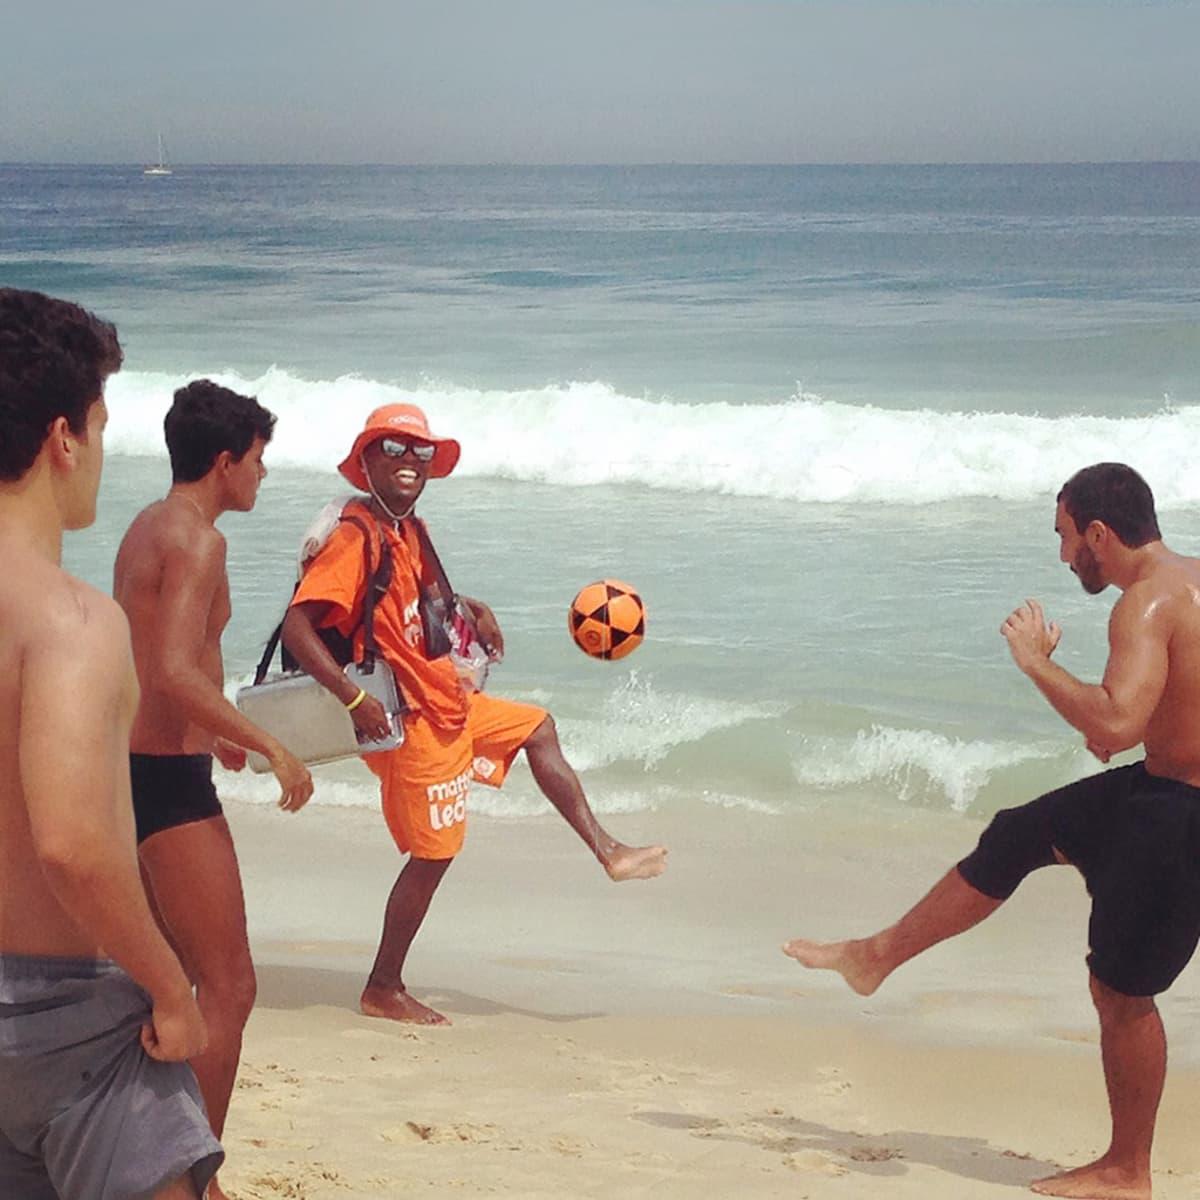 Mies potkii palloa vedessä